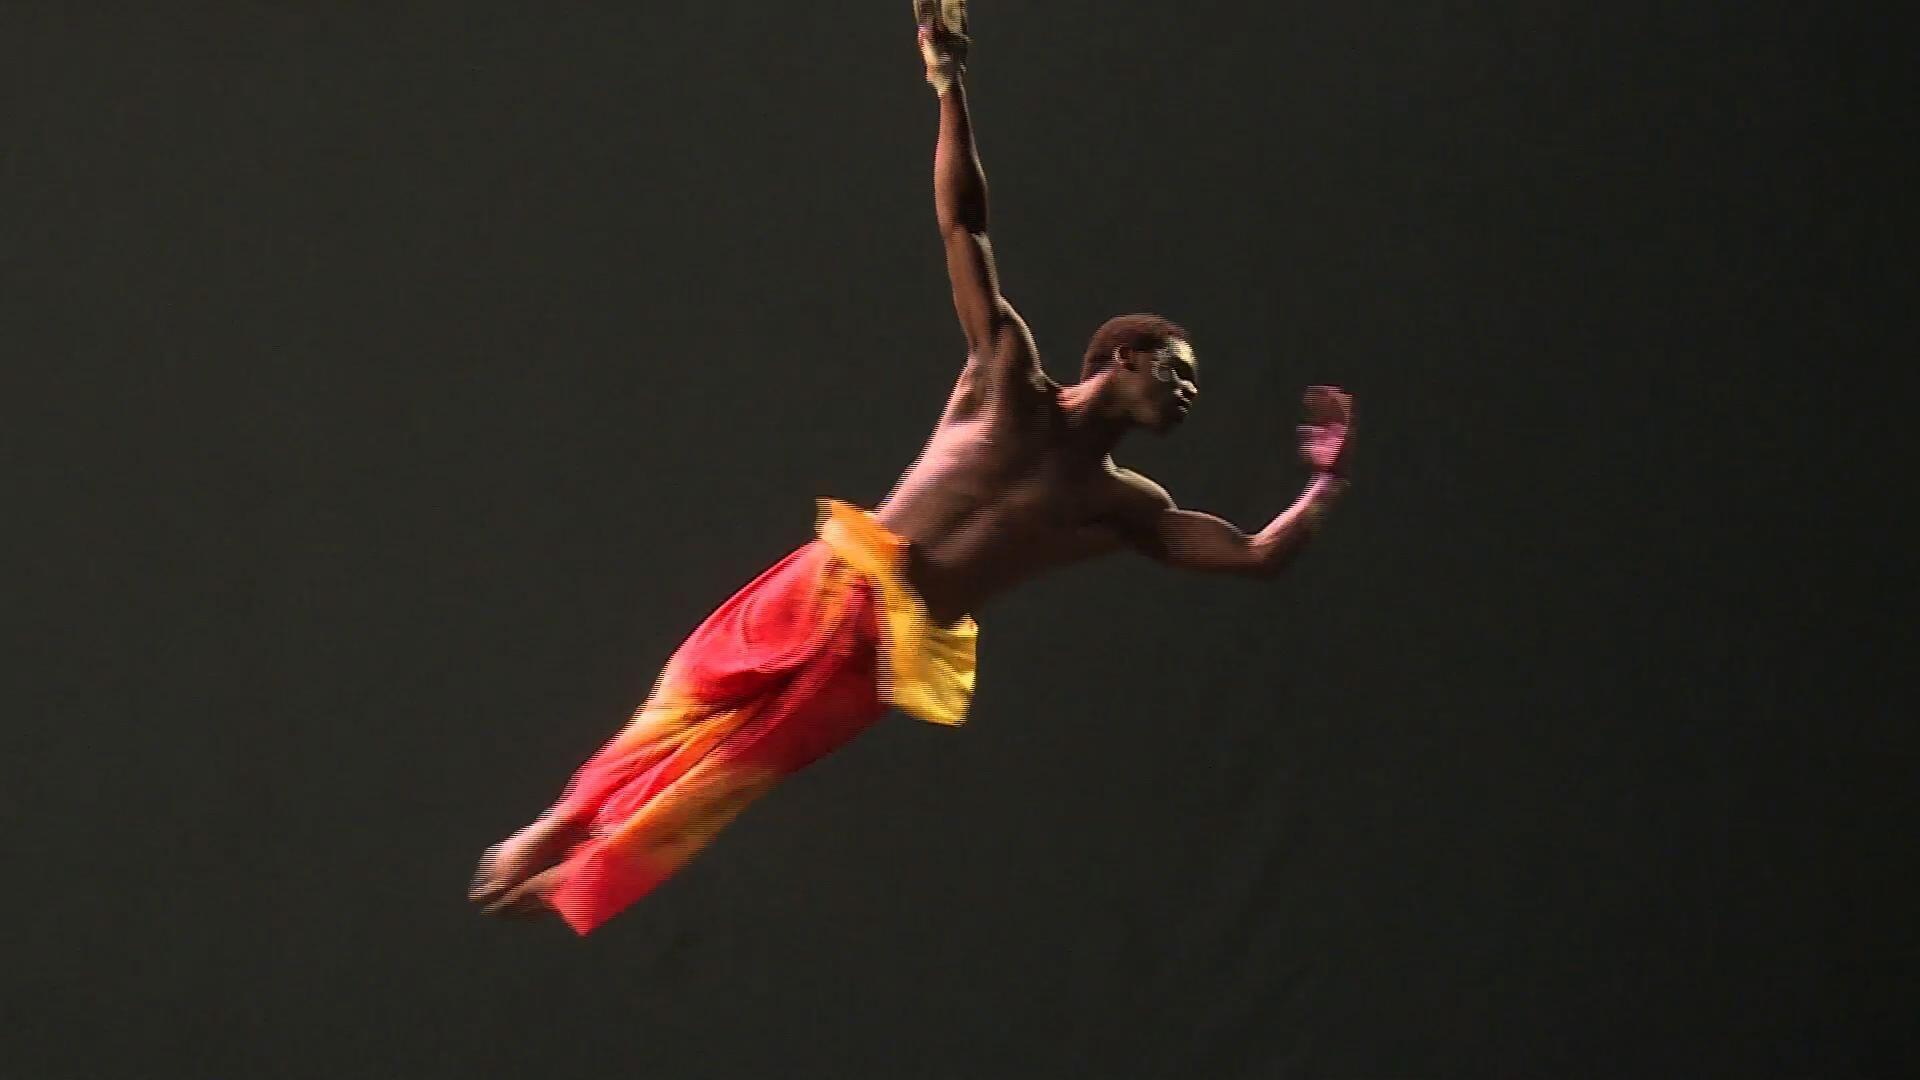 La deuxième édition des Rencontres interculturelles du cirque d'Abidjan (Circa) en 2019 avait débuté par une compétition entre différentes troupes du continent africain et d'ailleurs.